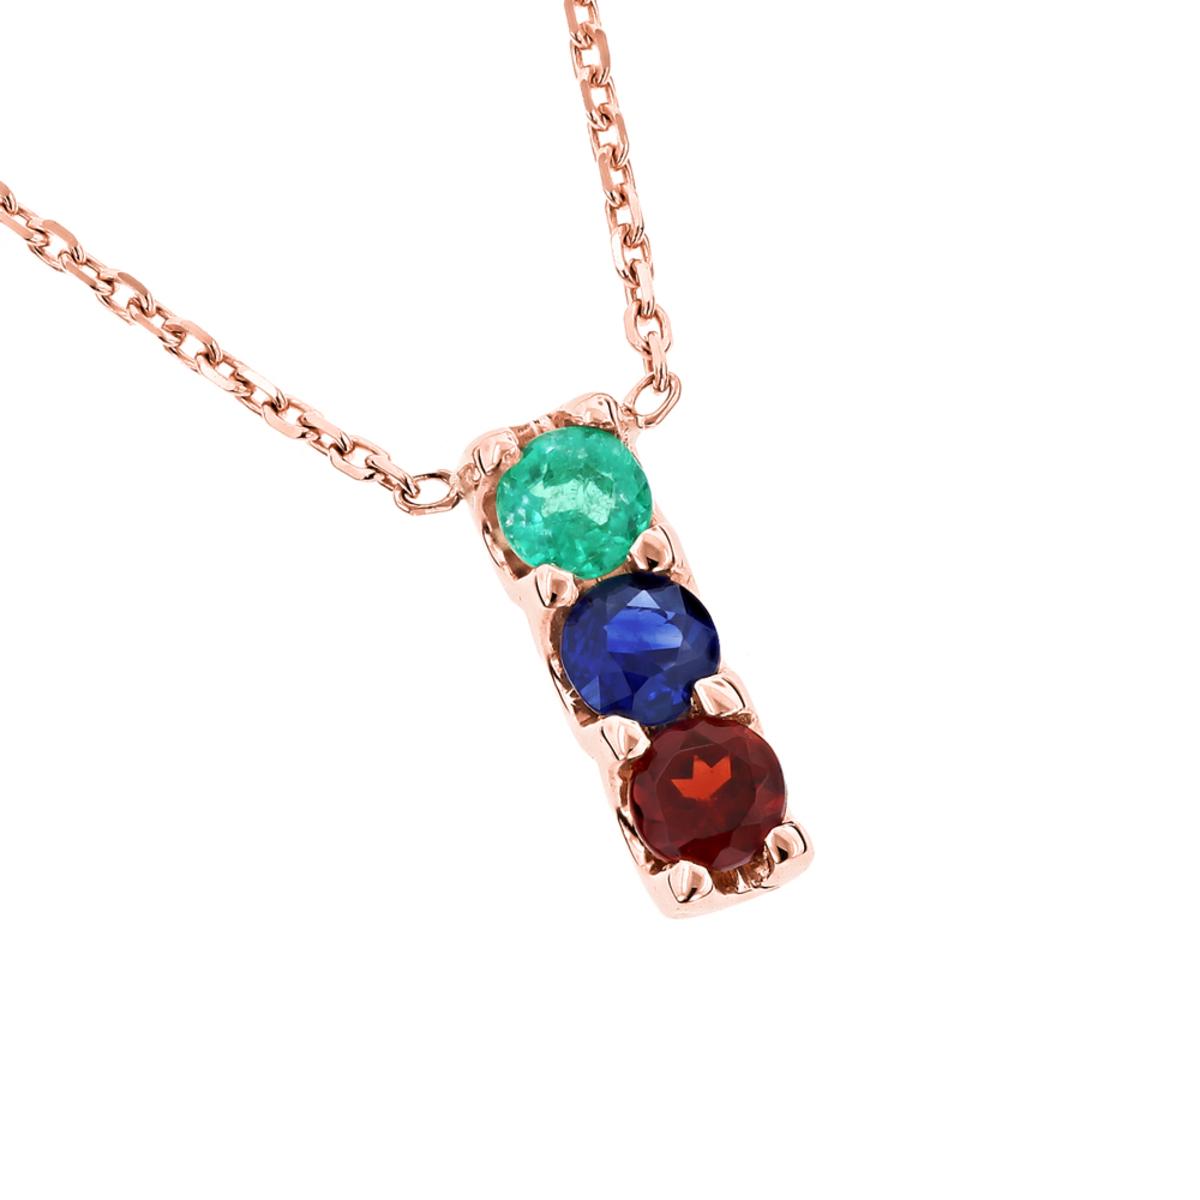 14K Gold 3 Stone Gemstone Necklace: Emerald Sapphire Garnet 0.6ct